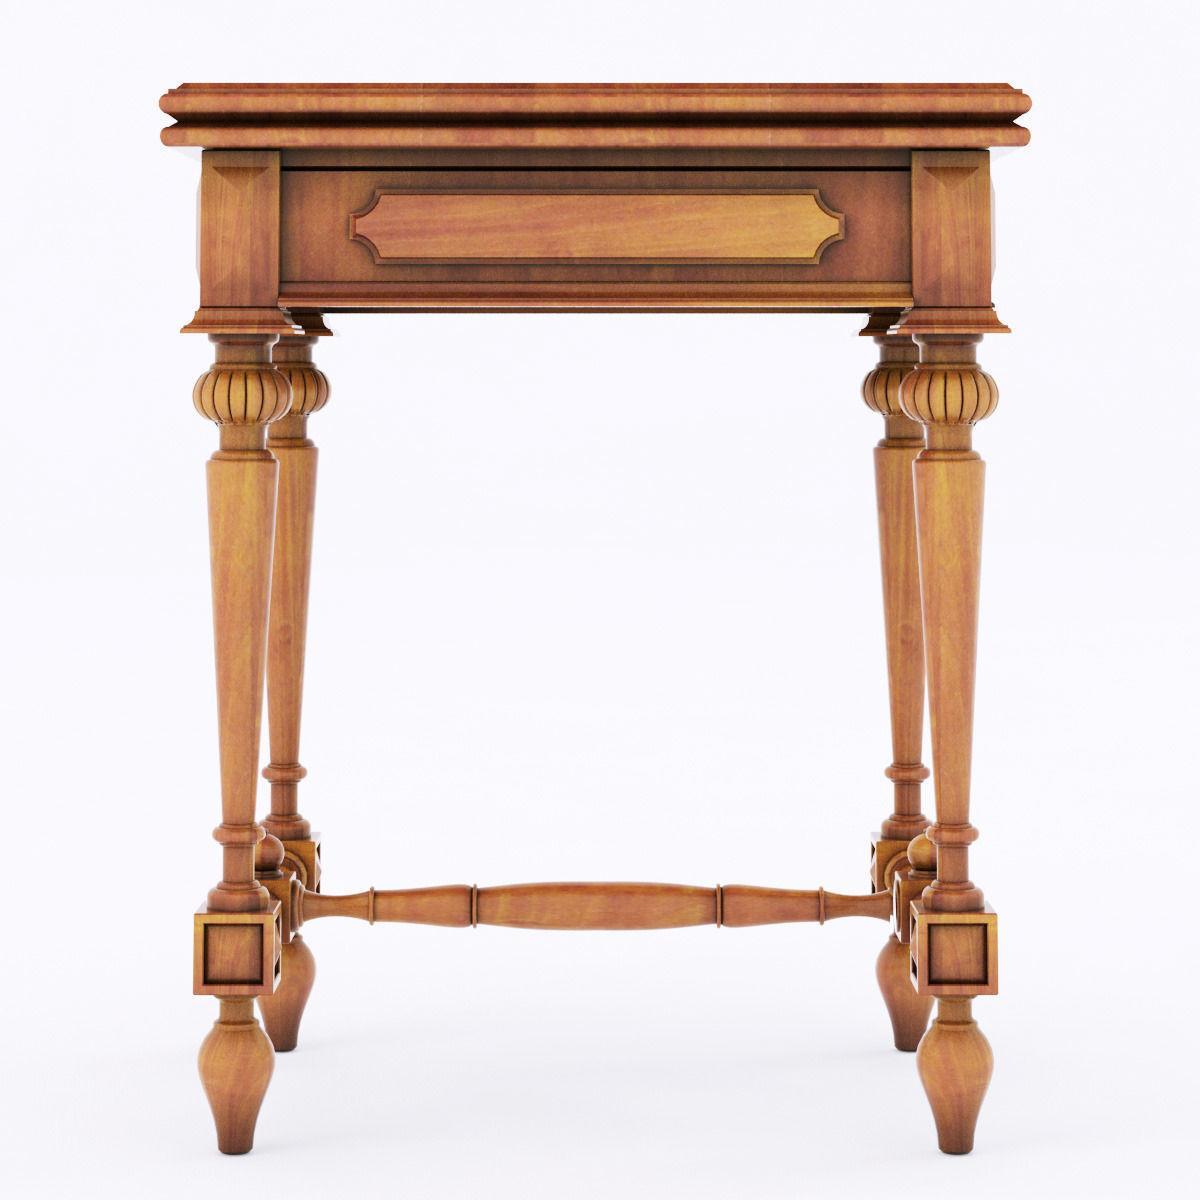 ... Antique Wood Table 3d Model Max Obj 3ds Fbx Mtl 2 ...